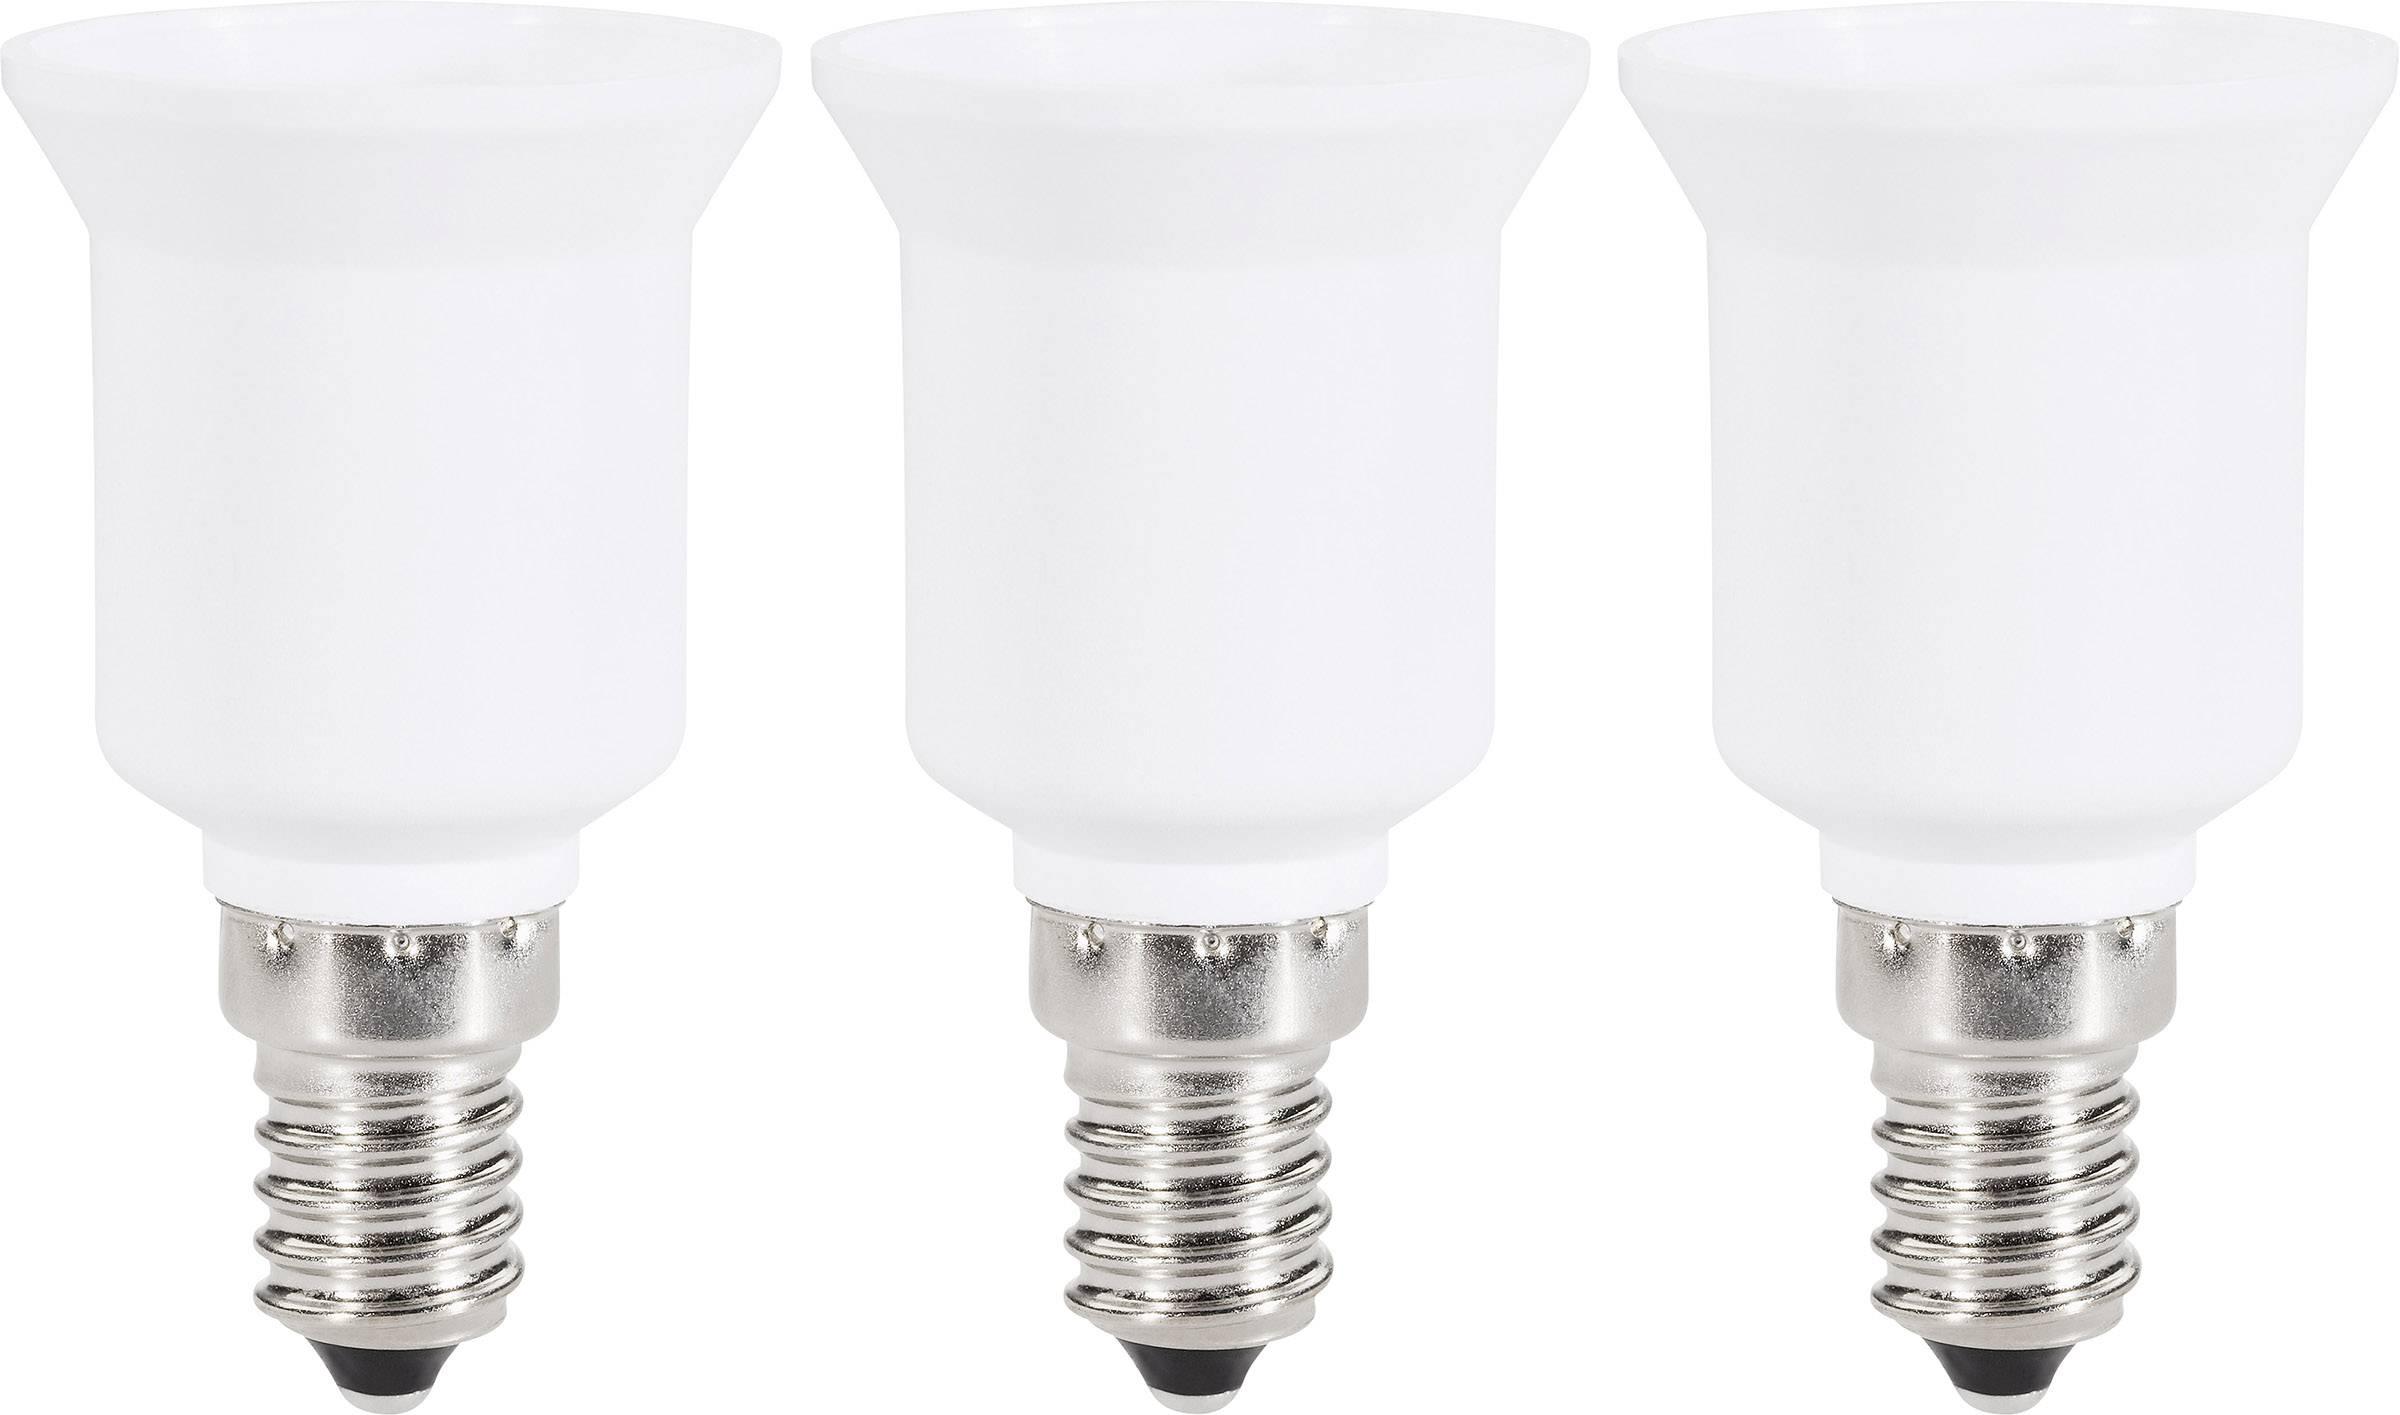 Redukčná objímka Renkforce pre E14 ⇔ E27, 97029c81h, 220 - 250 V, max. 75 W, biela